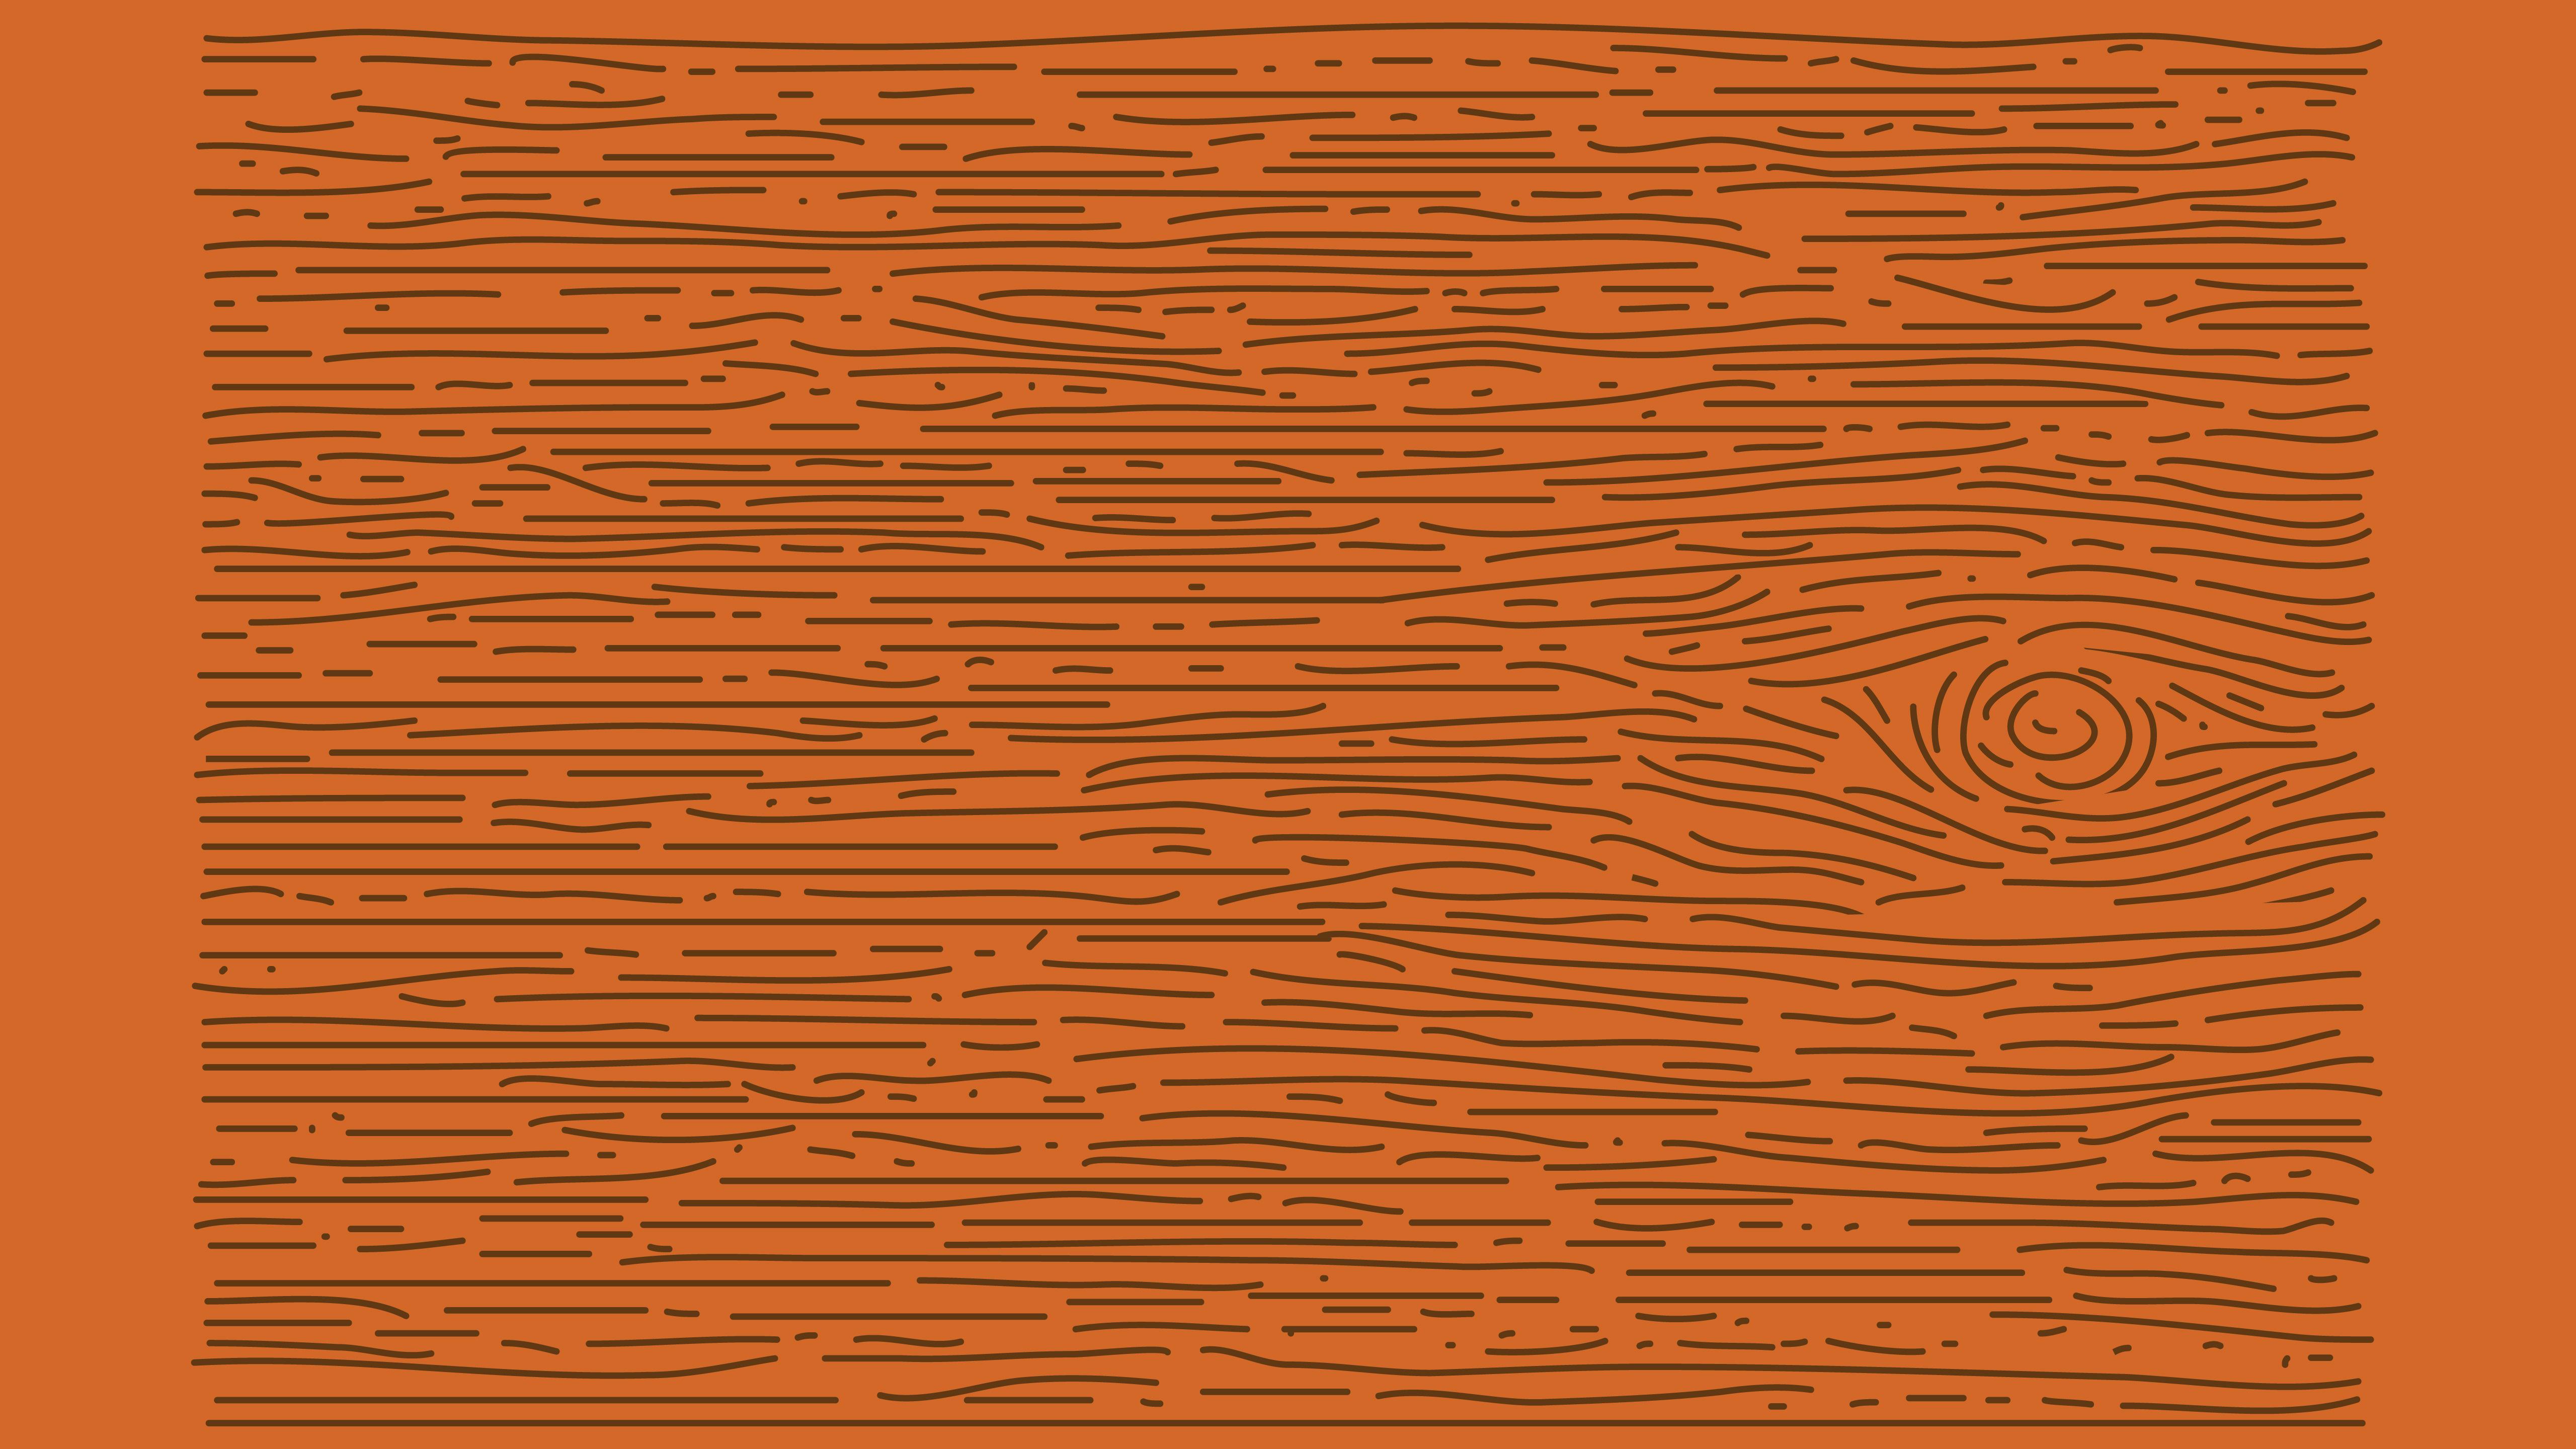 desktop wallpaper wallpapersc pcmac5k4k - photo #21